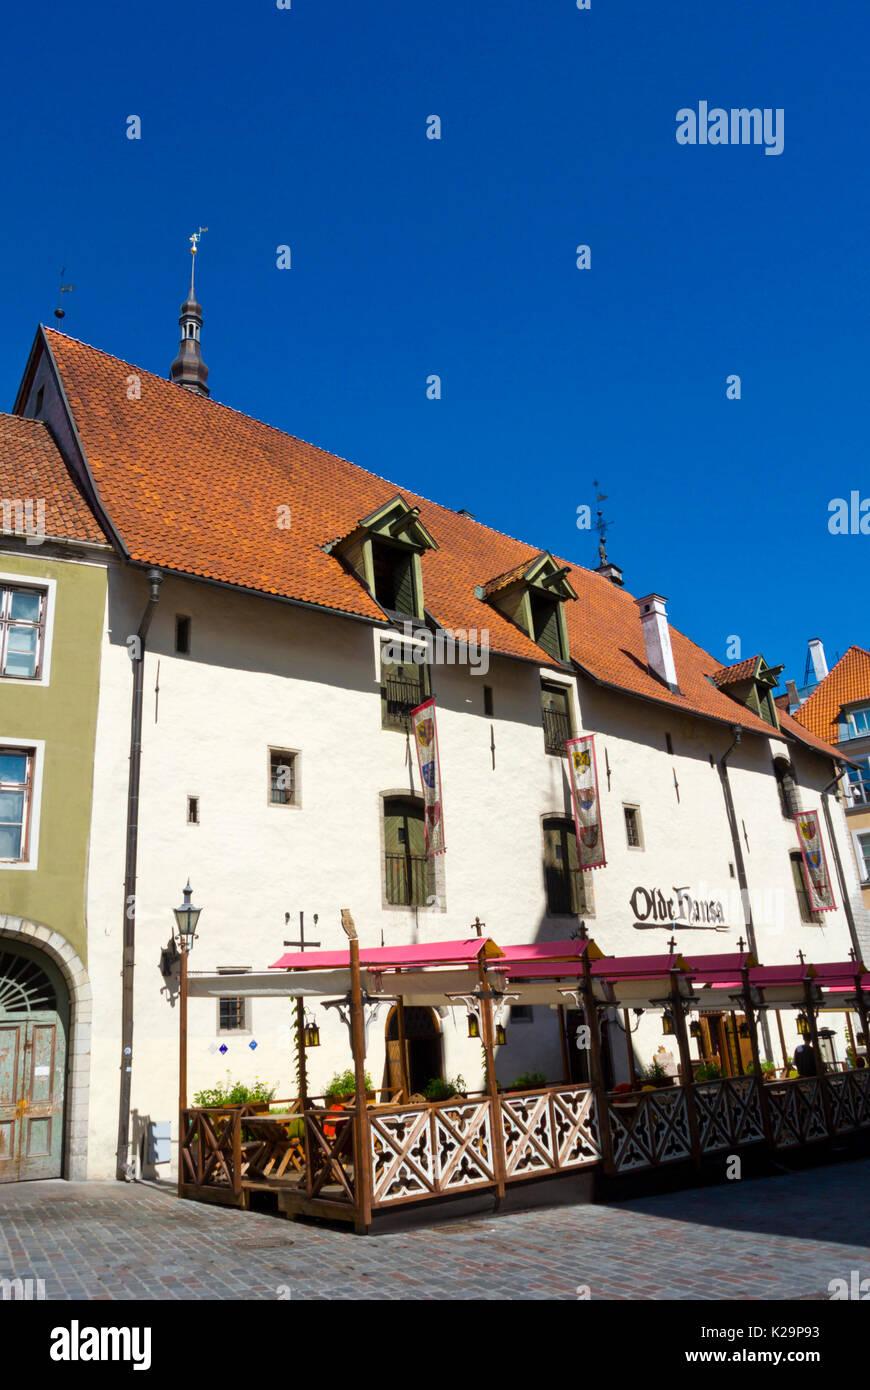 Olde Hansa, restaurant, Vanalinn, old town, Tallinn, Estonia - Stock Image